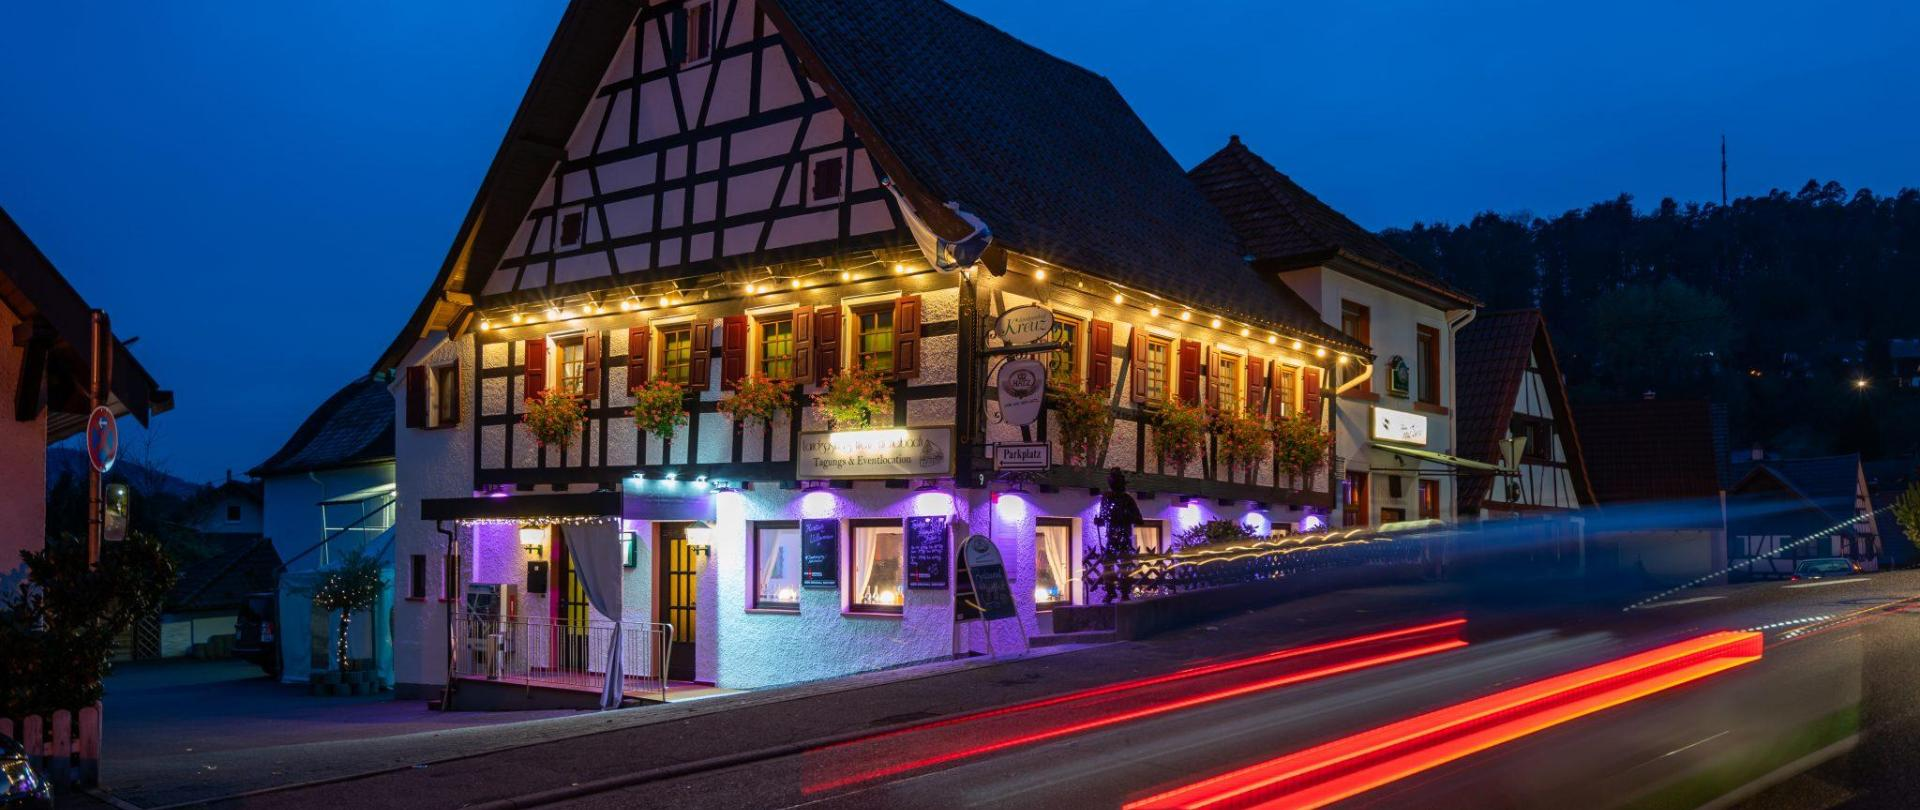 kreuz-michelbach-1-2048x1366.jpg